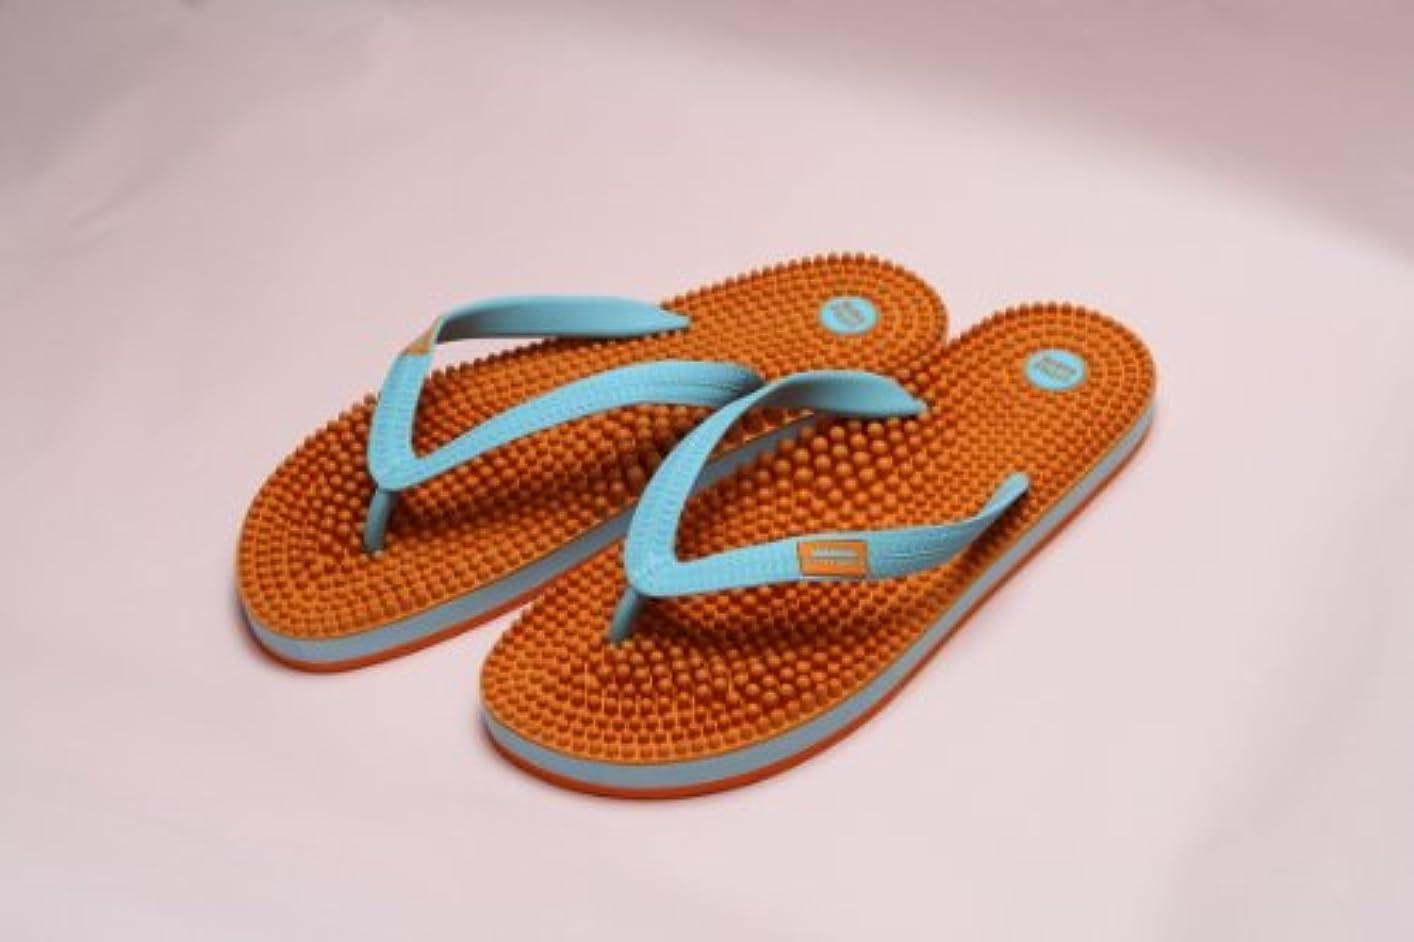 ミニチュア威する色リトルアース ボディポップ(body+pop) ビーチ(BeacH) 5002 オレンジ/ターコイズ 23cm